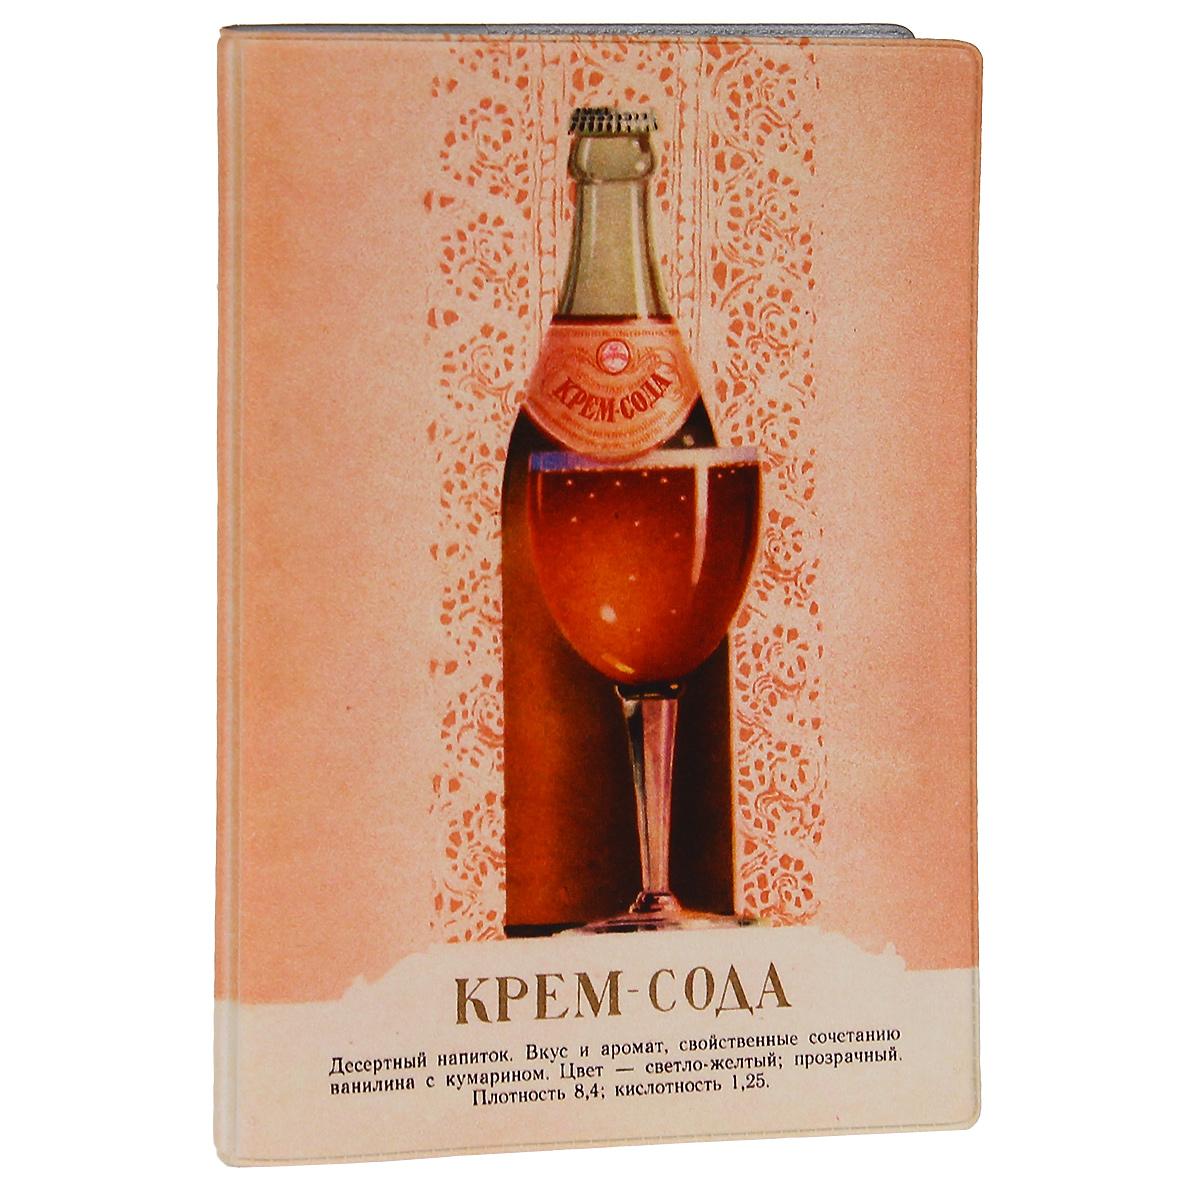 Обложка для паспорта Крем-сода. OZAM271O.1.-13. красныйОбложка для паспорта Mitya Veselkov Крем-сода выполнена из прочного ПВХ и оформлена изображением бутылки Крем-сода и бокала с напитком. Такая обложка не только поможет сохранить внешний вид ваших документов и защитит их от повреждений, но и станет стильным аксессуаром, идеально подходящим вашему образу.Яркая и оригинальная обложка подчеркнет вашу индивидуальность и изысканный вкус. Обложка для паспорта стильного дизайна может быть достойным и оригинальным подарком.